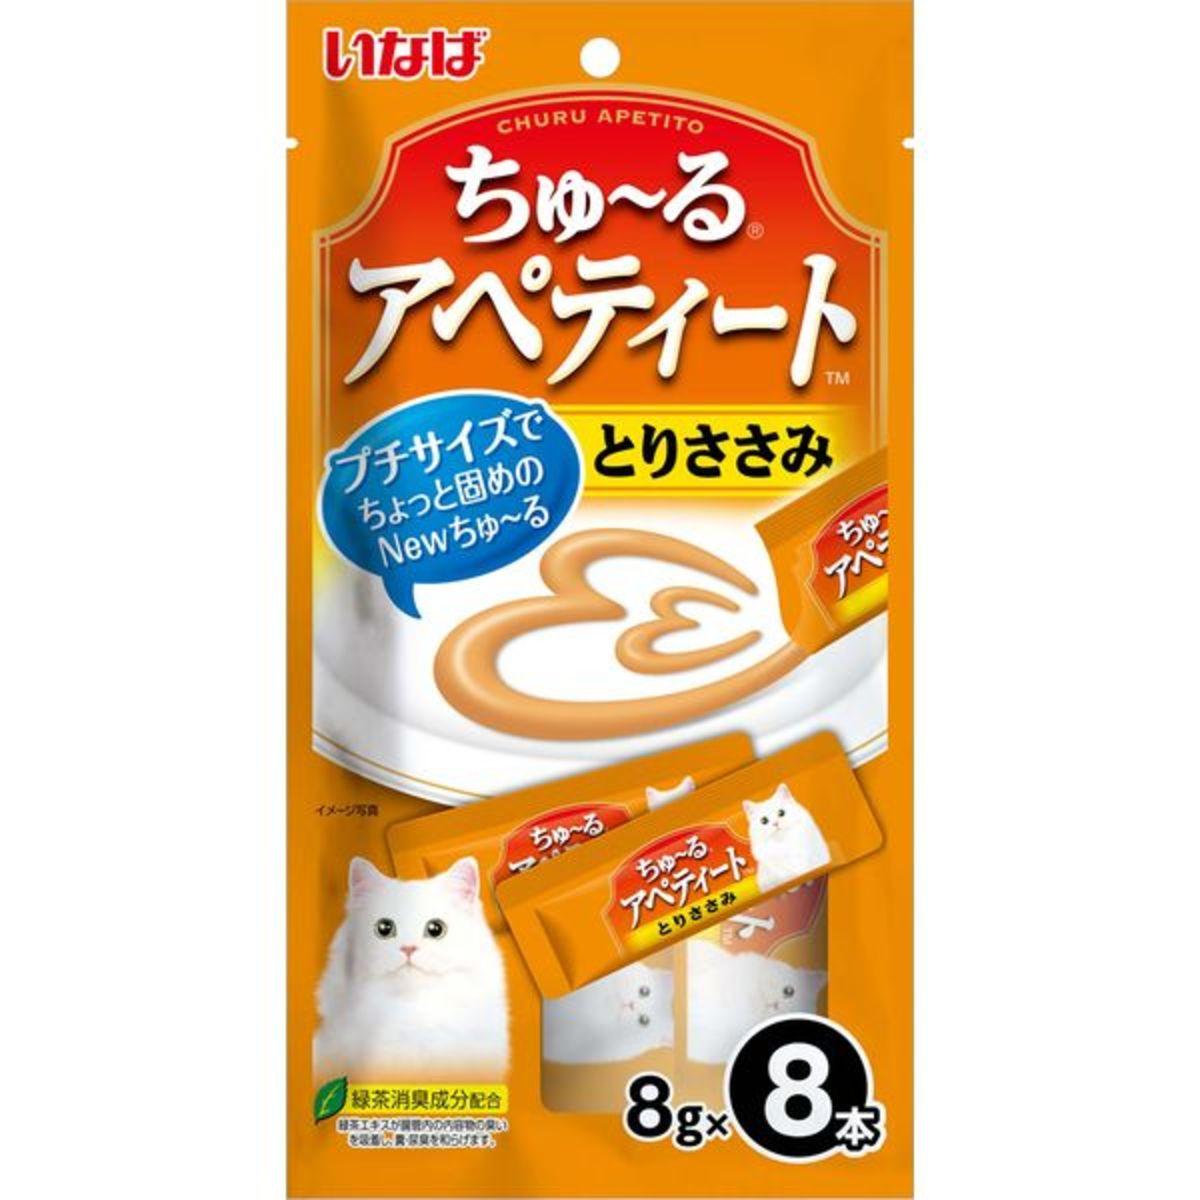 INABA 日本綠茶雞肉茸糊 8g x 8本 TSC-23 (89166) (日本平行進口)